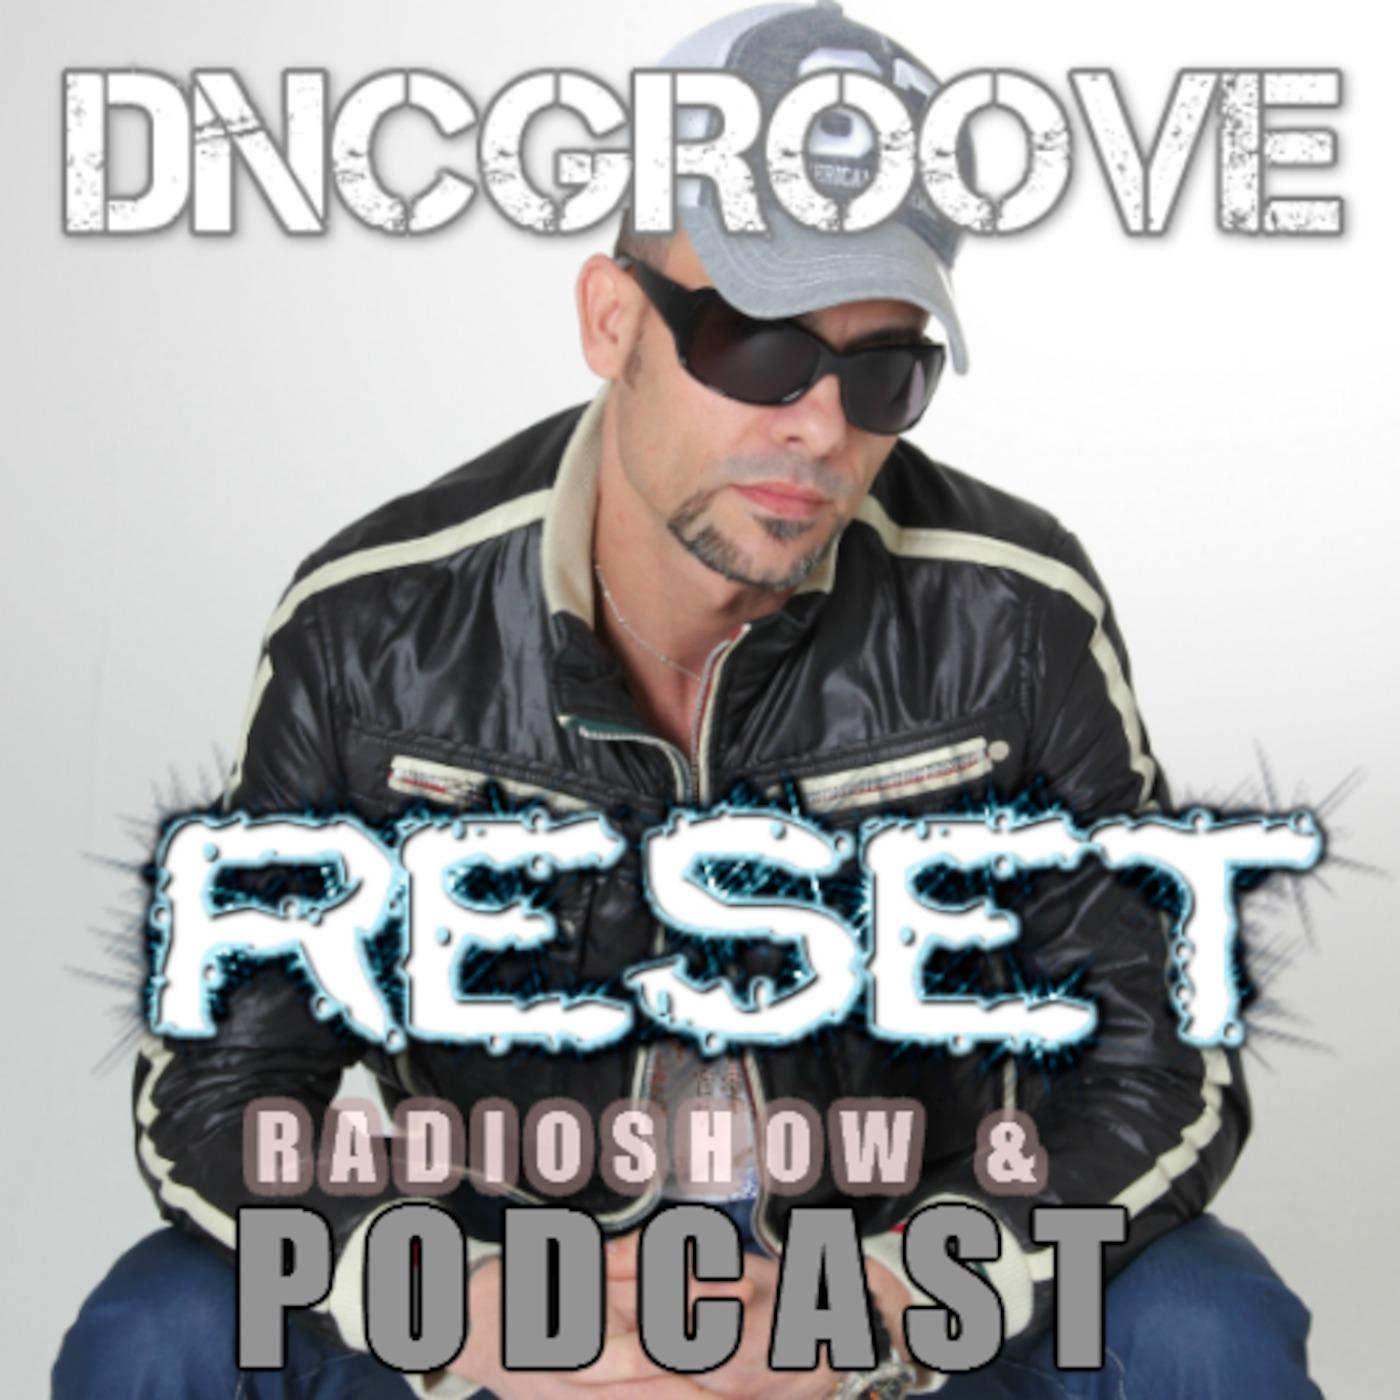 DnC Groove RESET RADIOSHOW & PODCAST